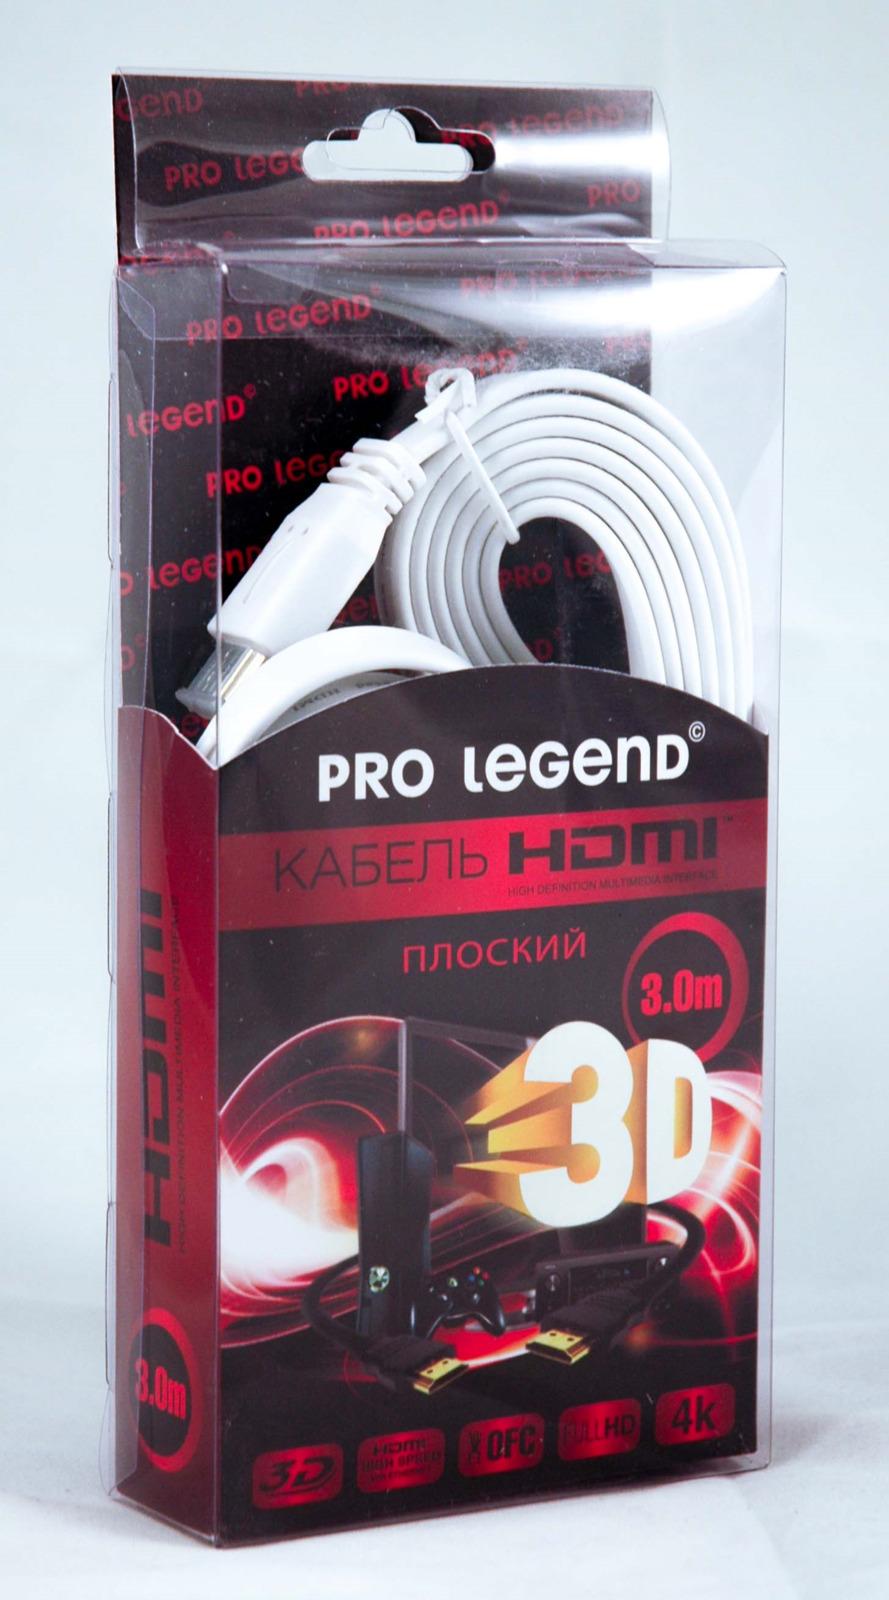 Фото - Кабель Pro Legend HDMI (M) - HDMI (M), HDF3, ver. 1.4, плоский, HDF3, черный, 3 м видео